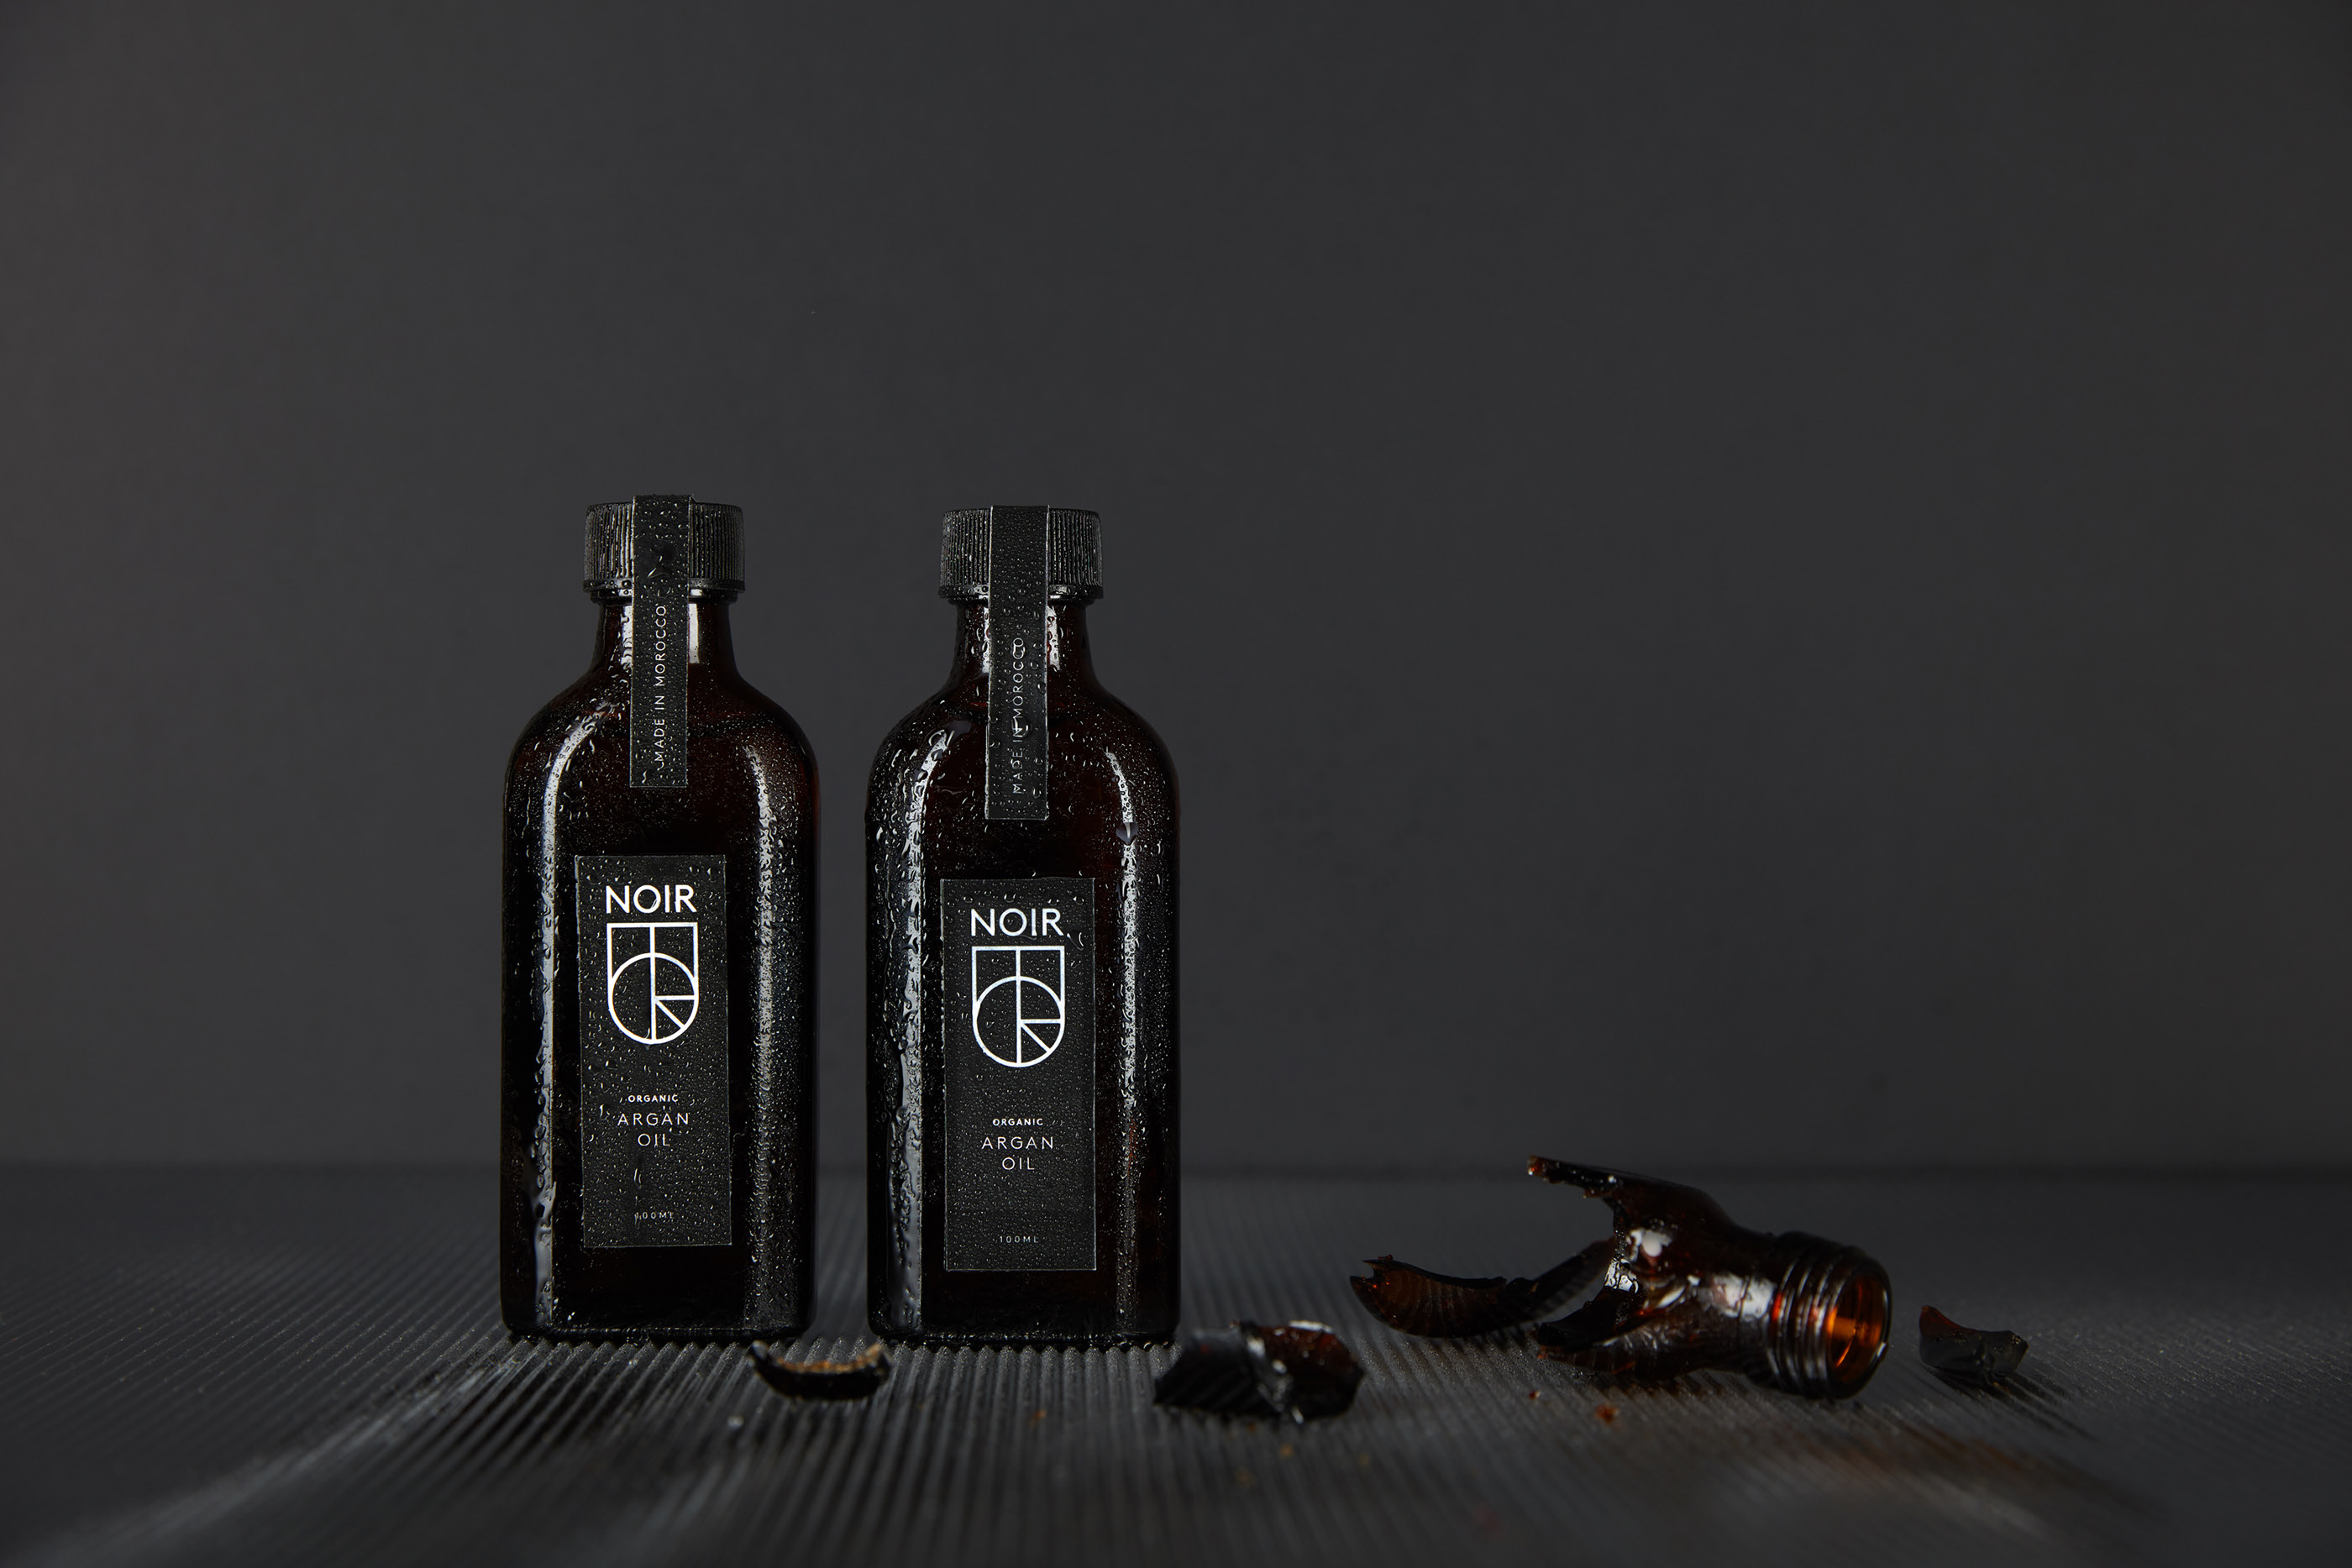 Noir Argan Oil Branding